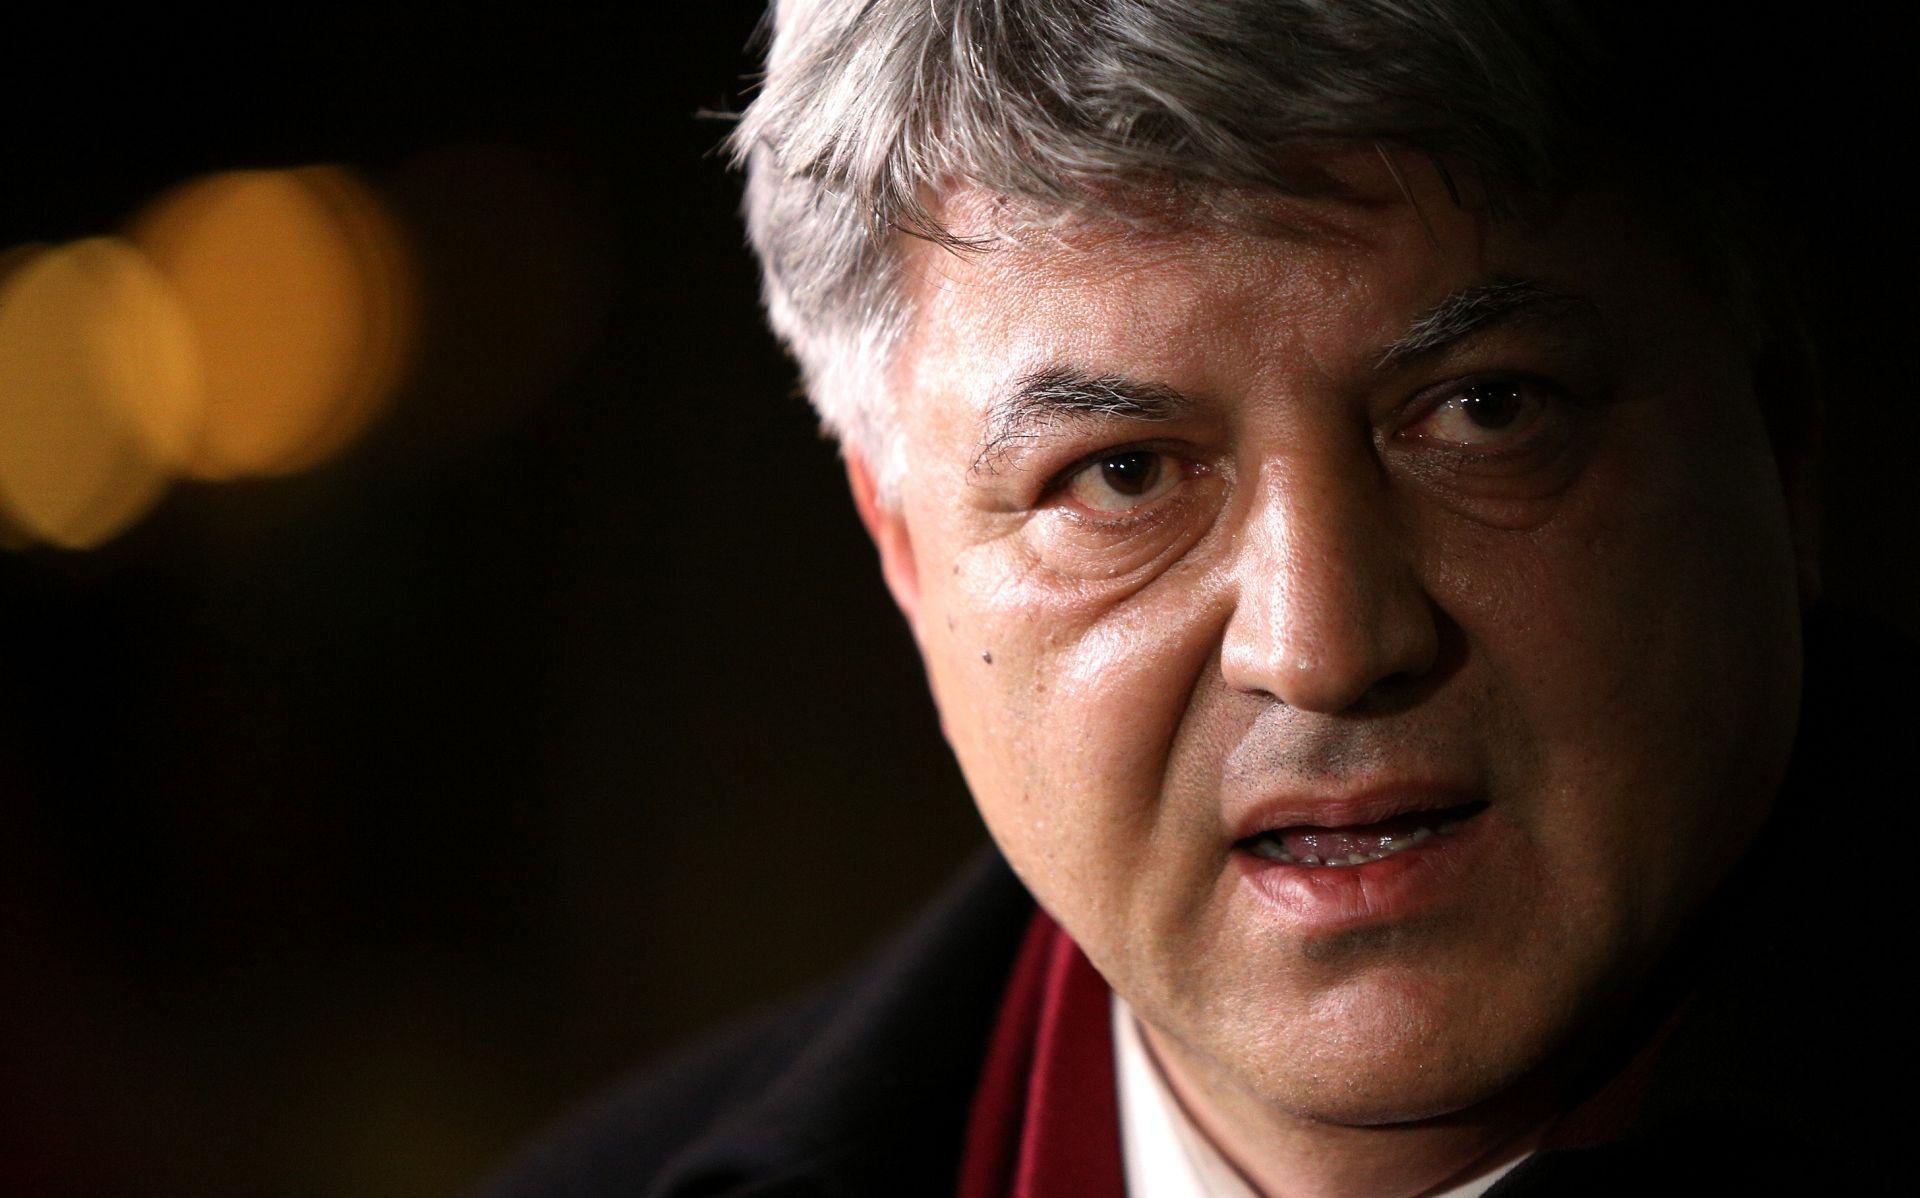 Komadina: Vrijeme je za demokratski, moderan i socajldemokratskiji SDP